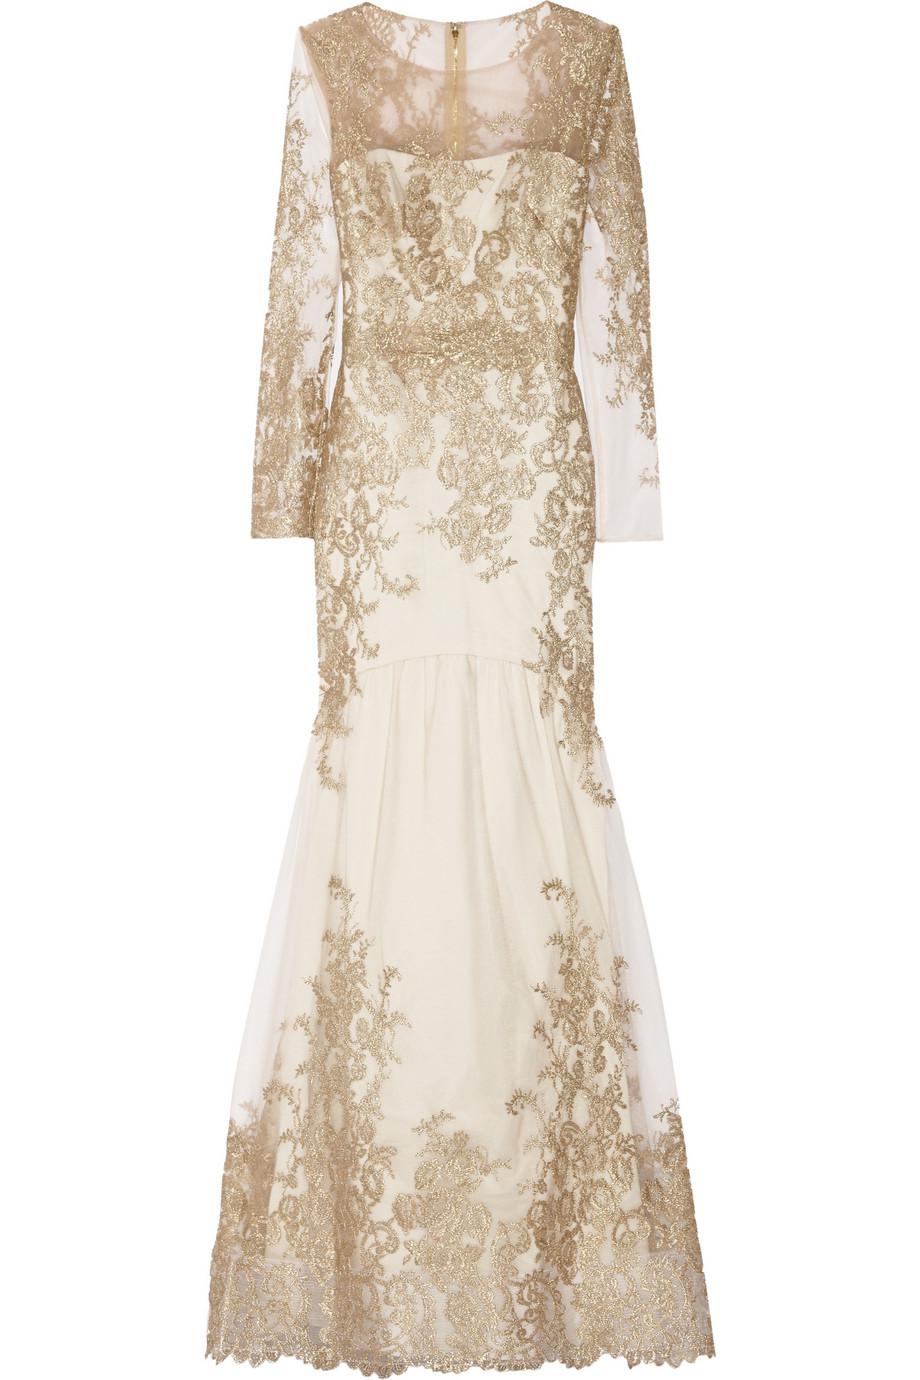 Gold Embellished Wedding Dress